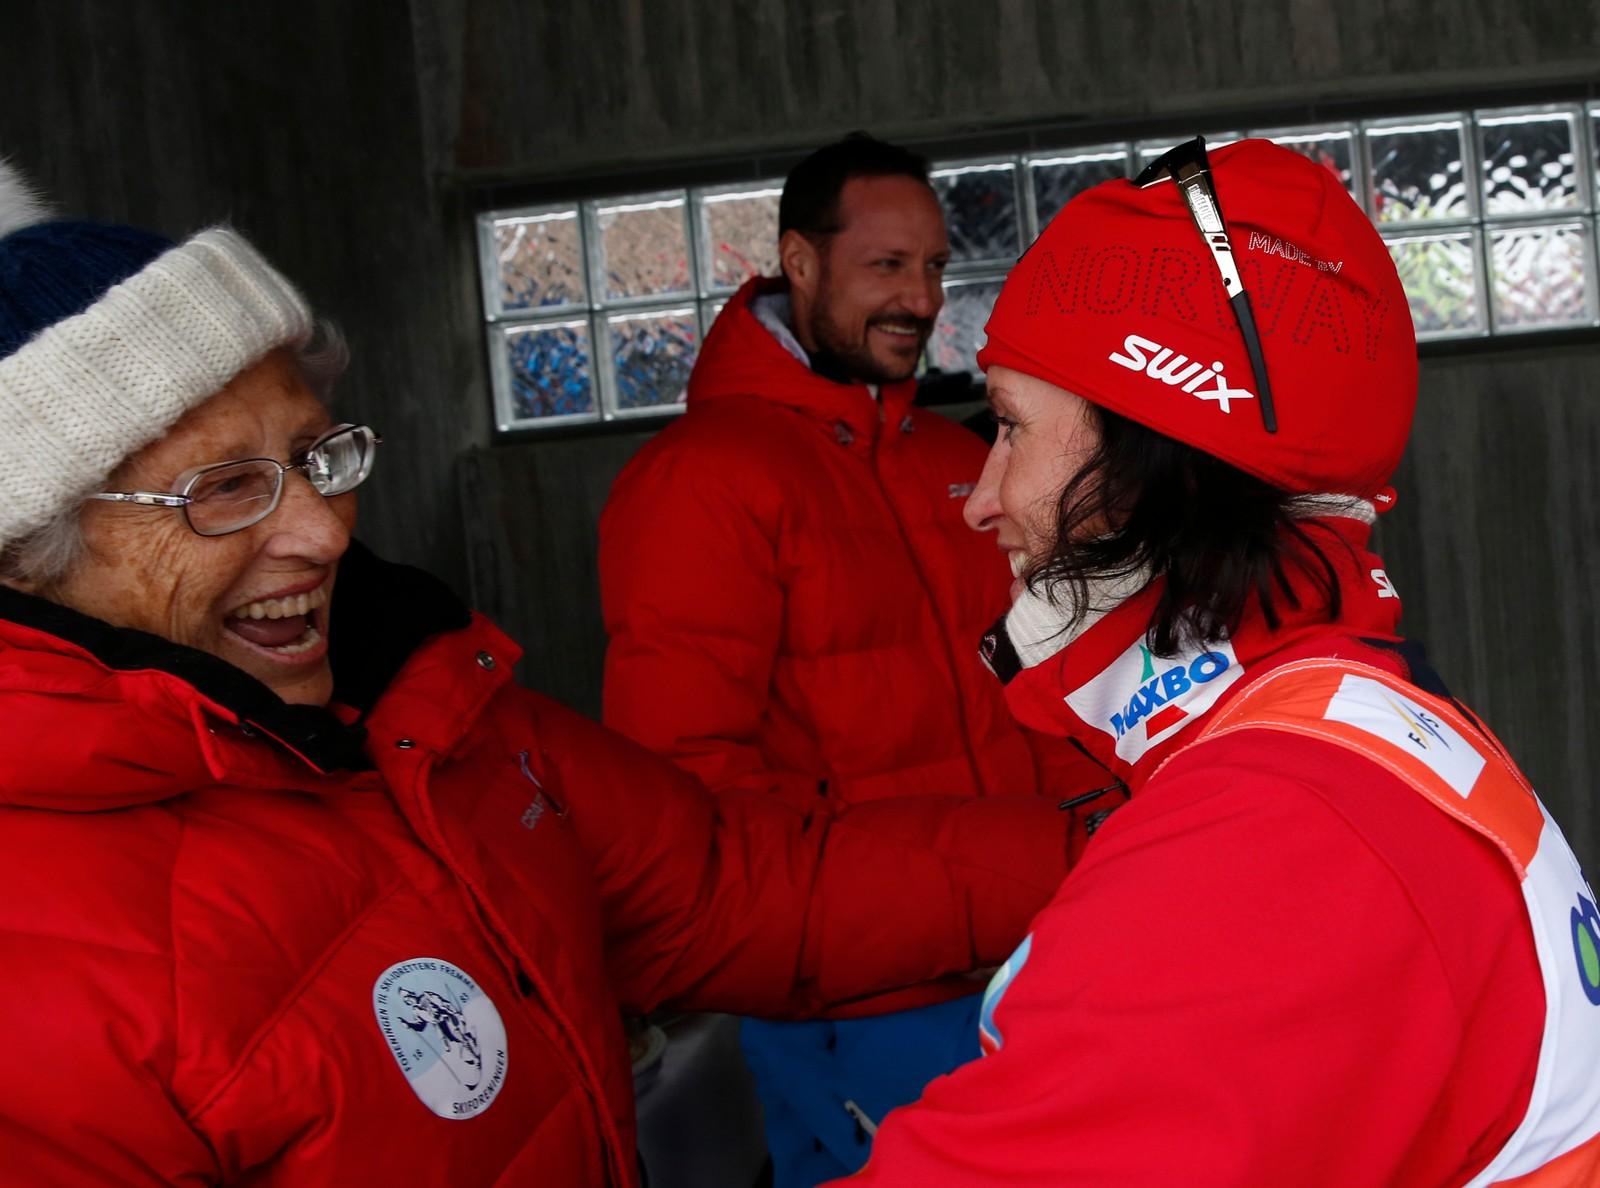 SPORTSIDIOT: Vinteridrett er den store lidenskapen. Prinsesse Astrid er flittig gjest i Holmenkollen vinterstid. i 2014 gratulerte ho Marit Bjørgen med sigeren i 30 km fellesstart i verdscupen.